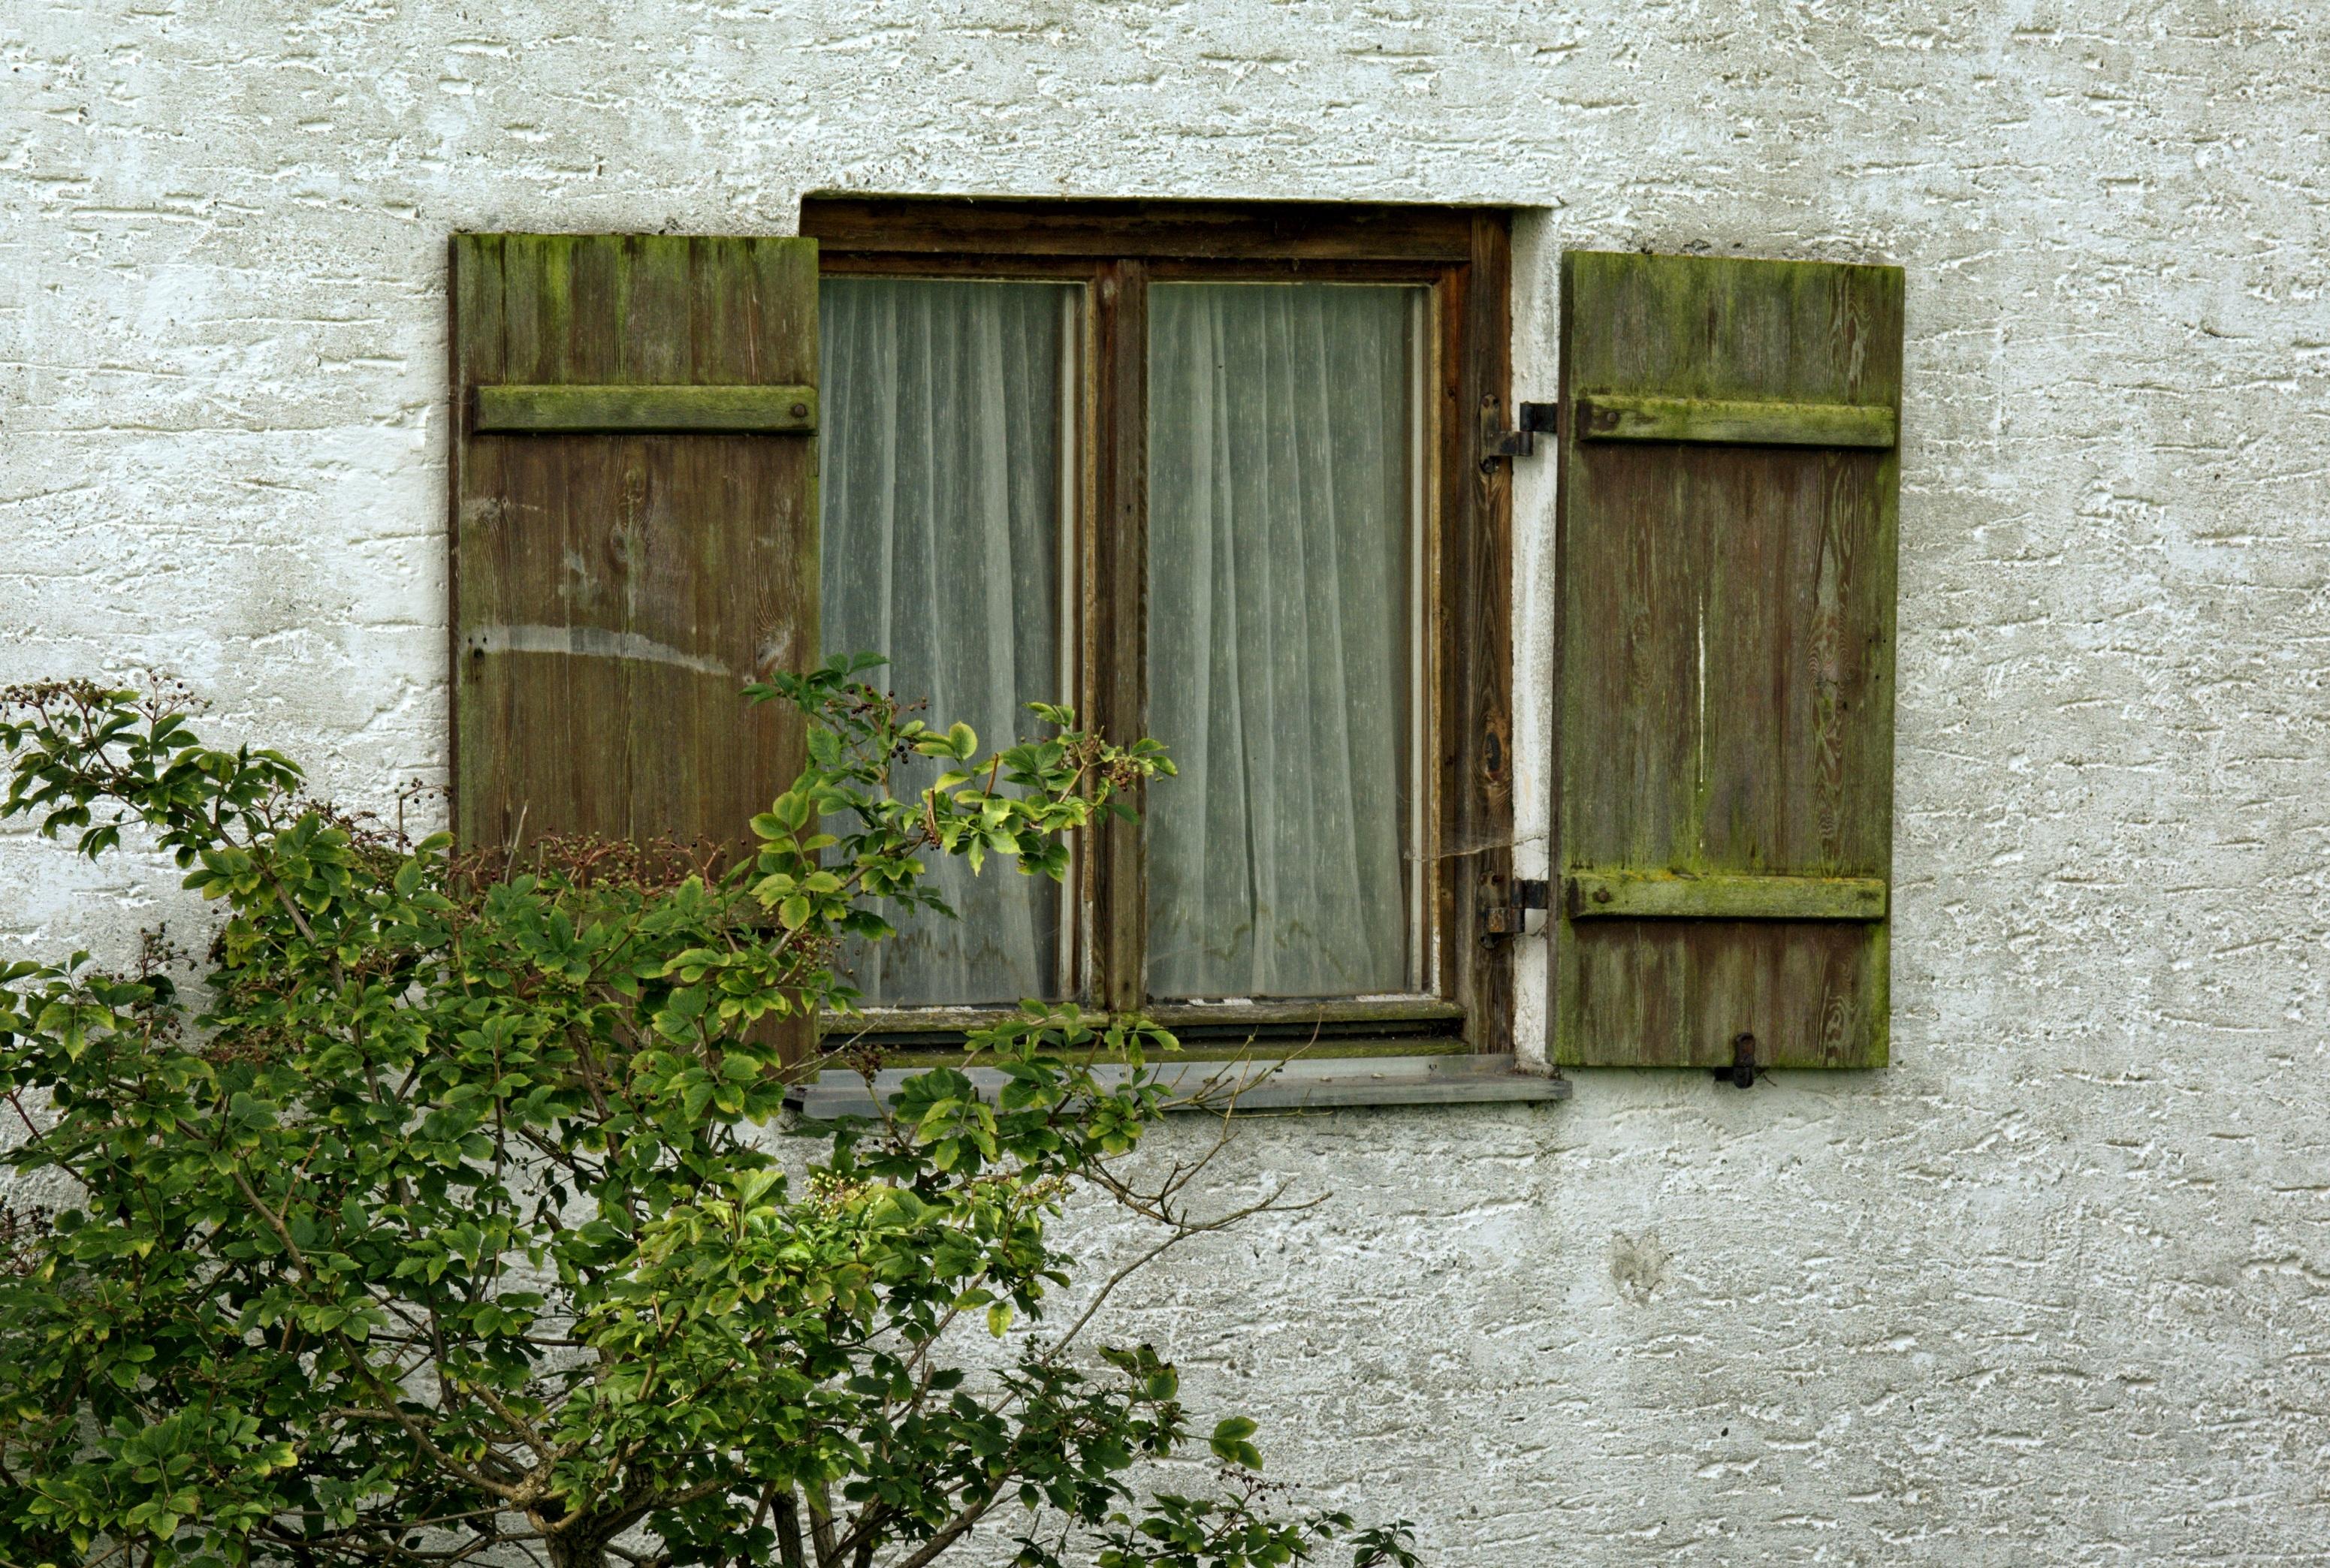 Kostenlose foto : die Architektur, Holz, Haus, Fenster, Gebäude, alt ...